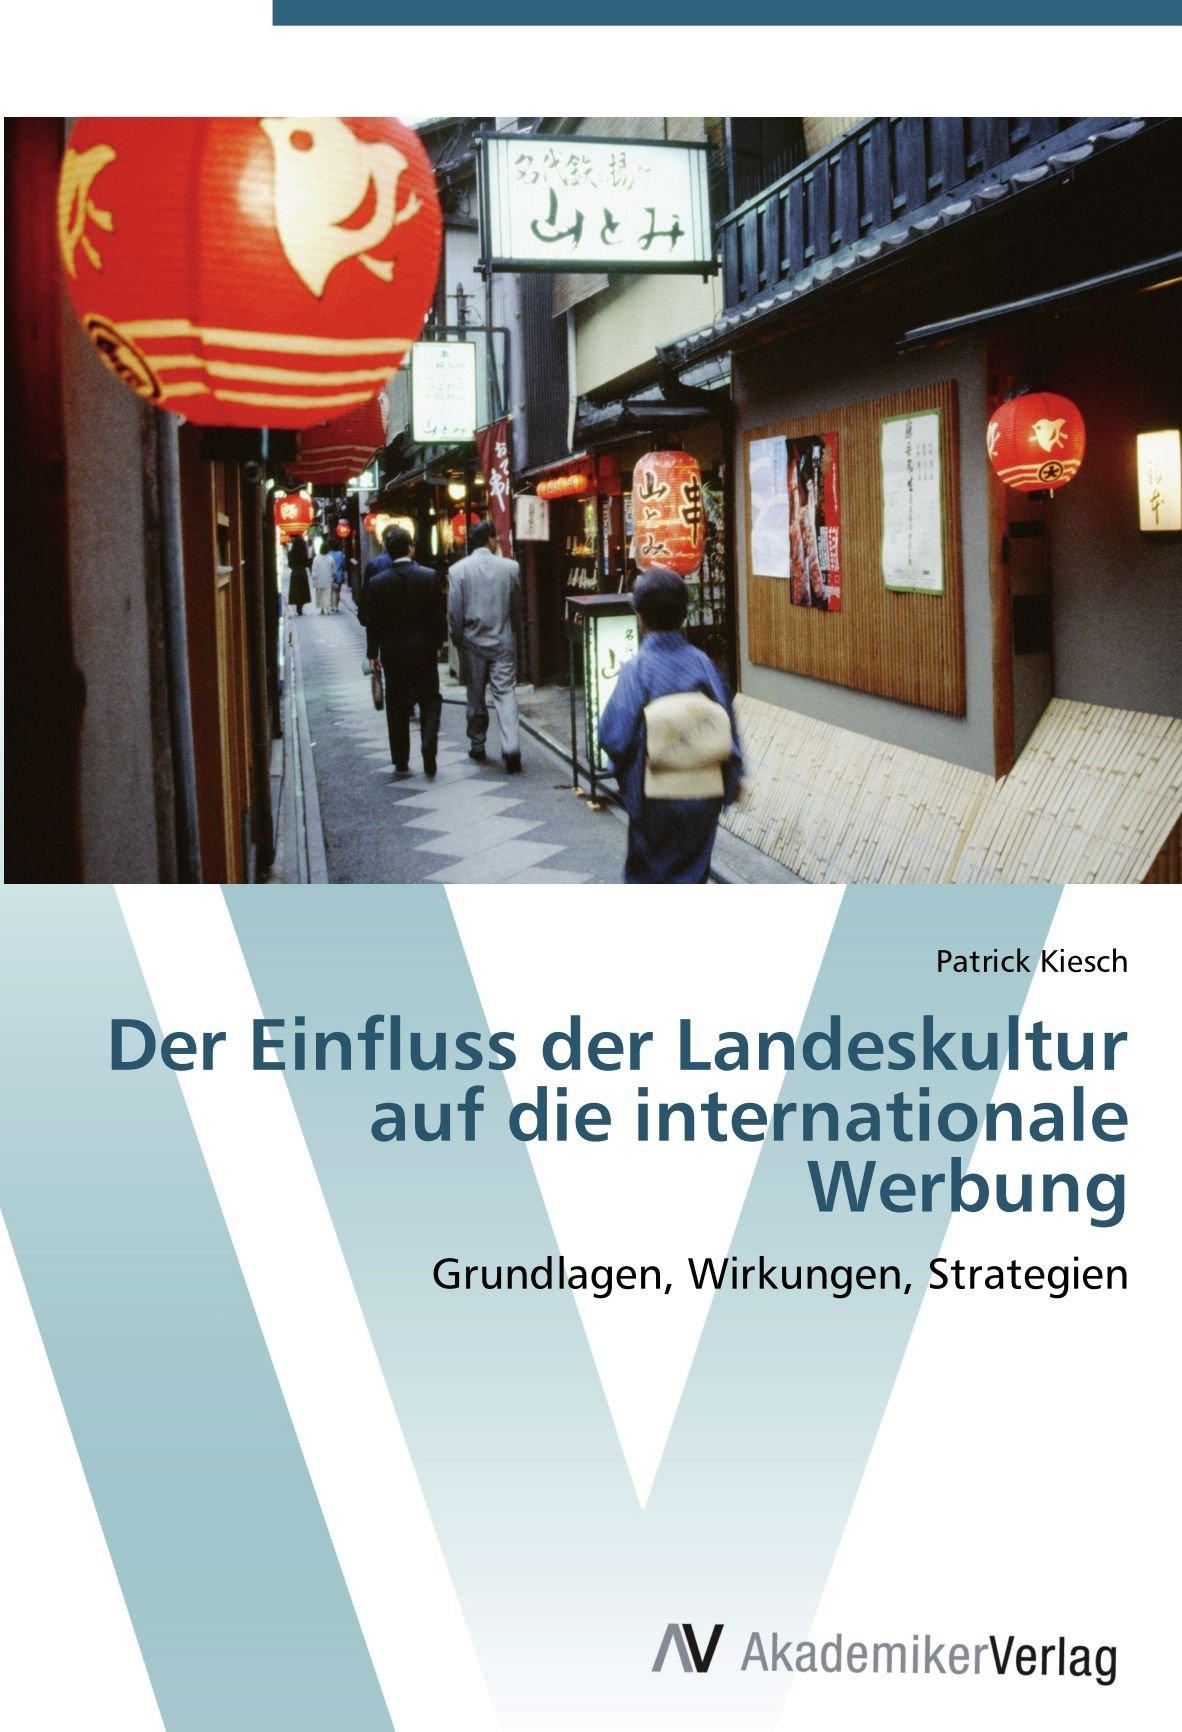 Download Der Einfluss der Landeskultur auf die internationale Werbung: Grundlagen, Wirkungen, Strategien (German Edition) ebook